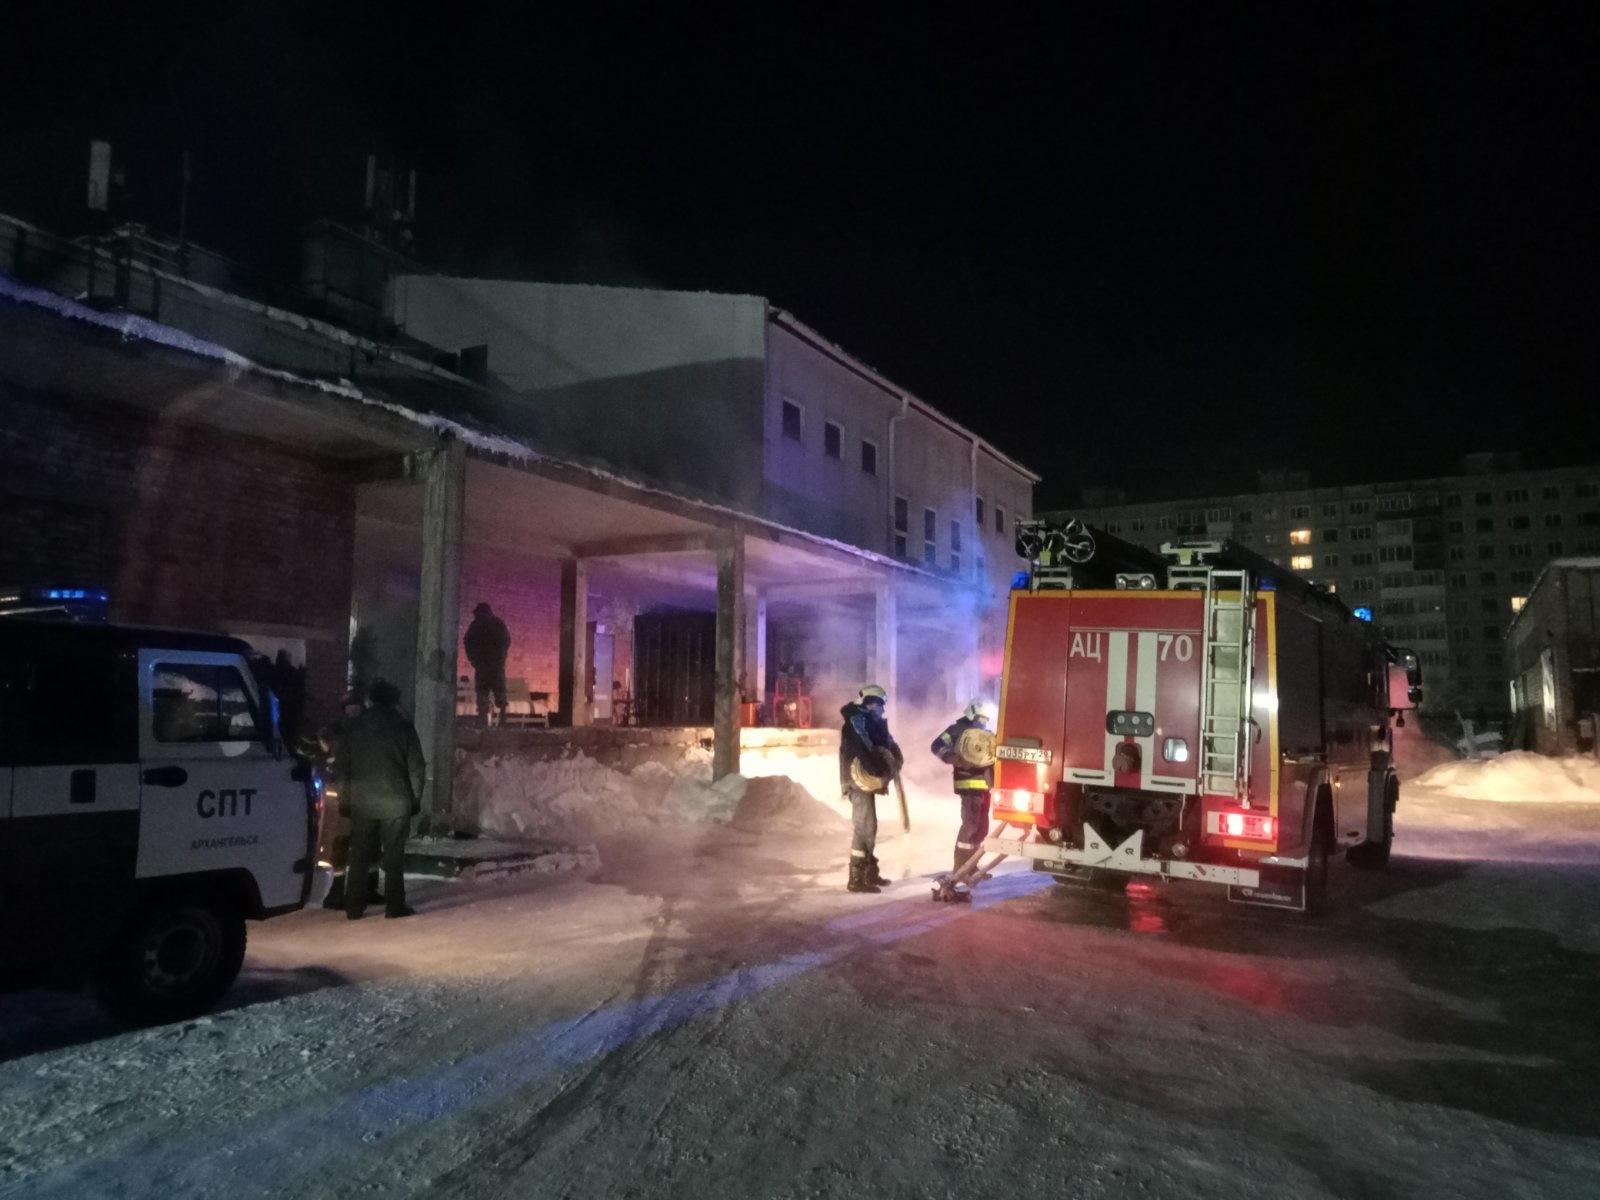 Пожарно-спасательные подразделения приняли участие в ликвидации последствий ДТП в г. Новодвинске Архангельской области